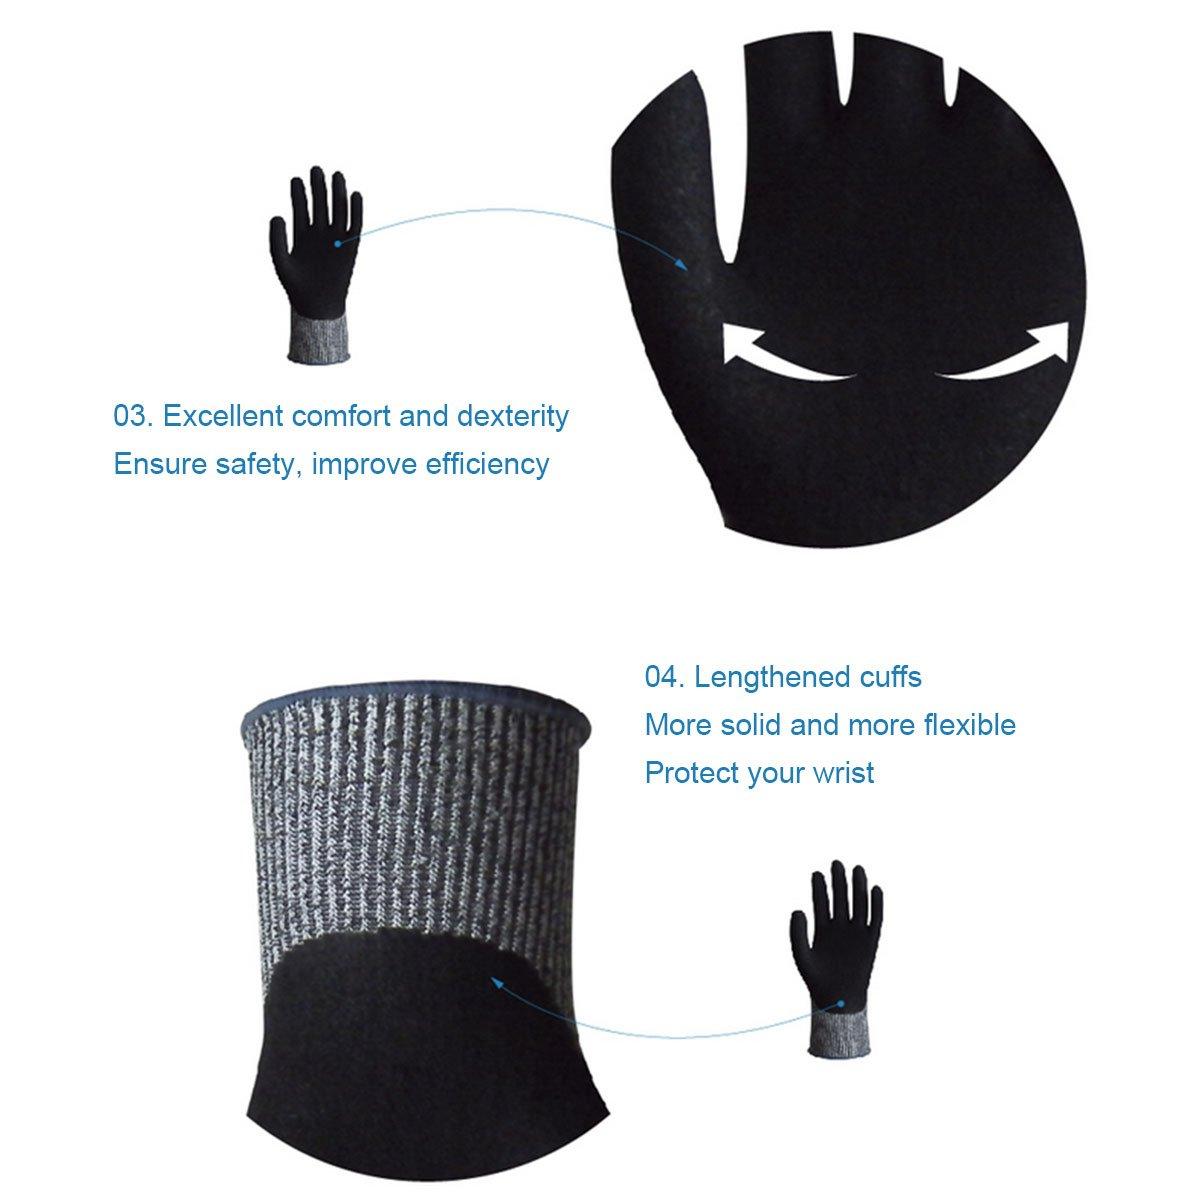 vismile Wonder Grip Cut Resistant Gloves Safety Nitrile Palm EN388 Certified Level 3 Protection